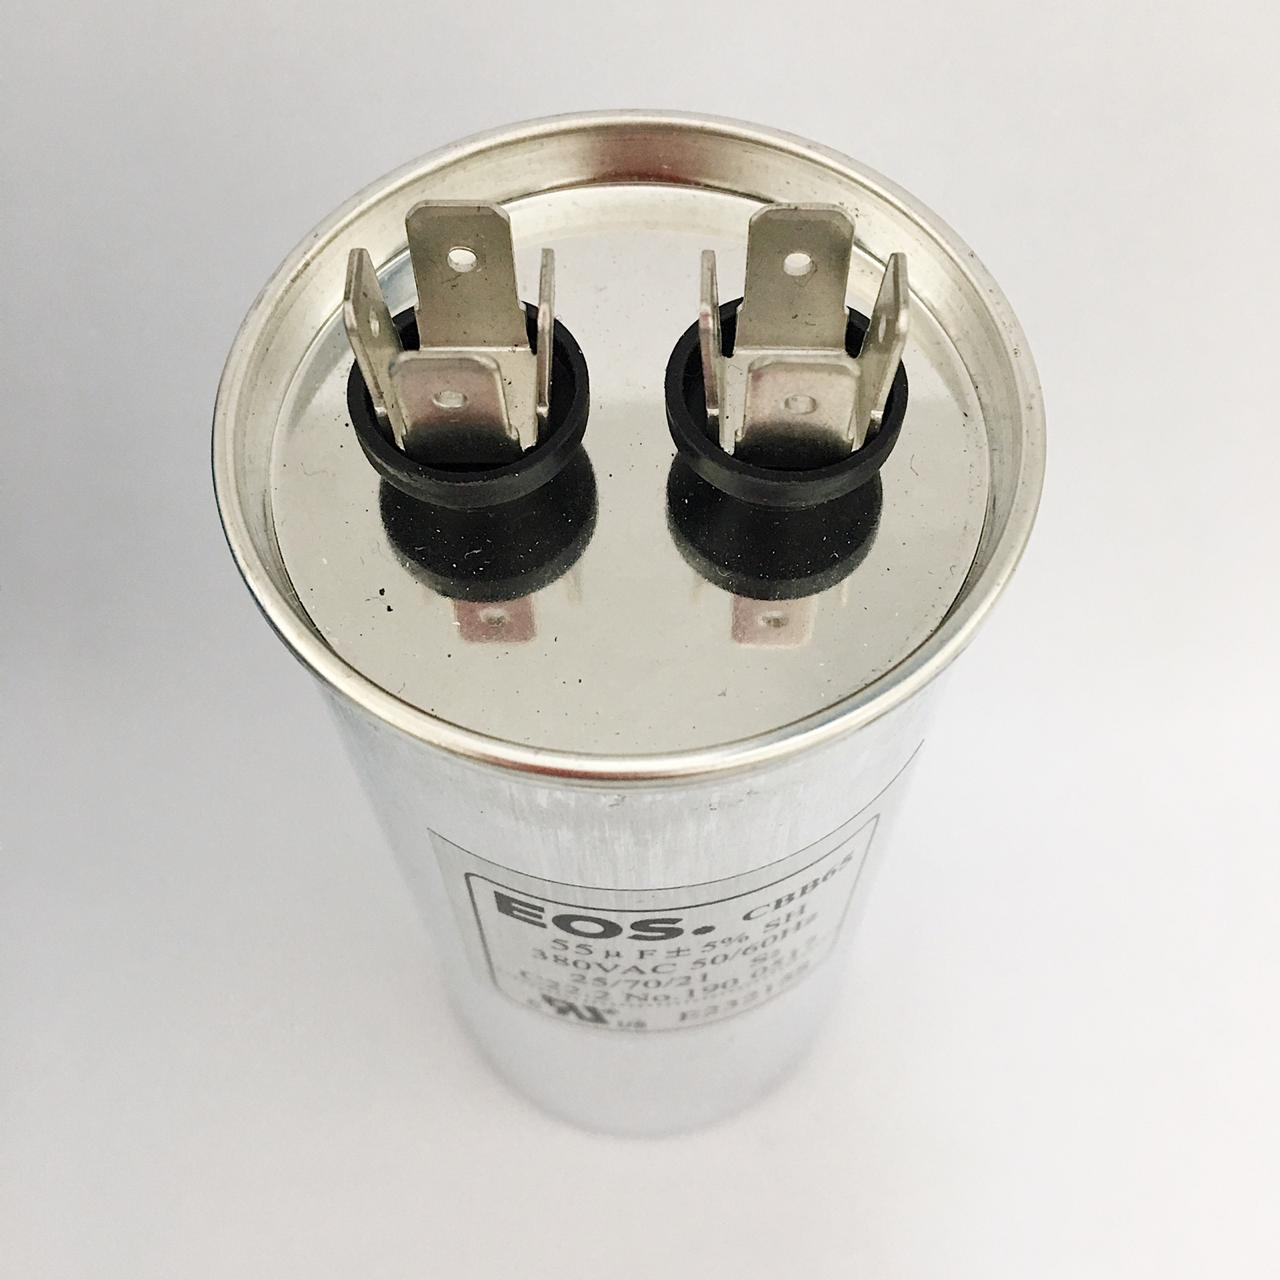 Capacitor 55 MFD 380V 50/60HZ